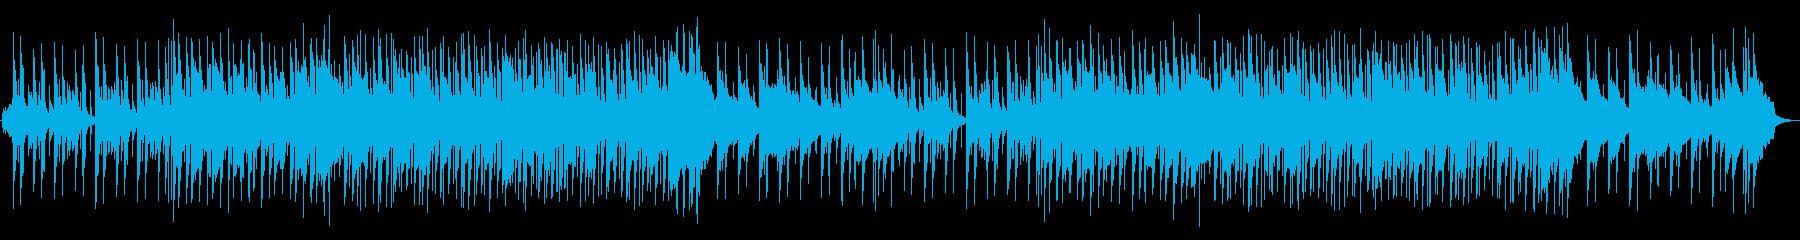 日常のシーンを選ぶときに流れている曲の再生済みの波形